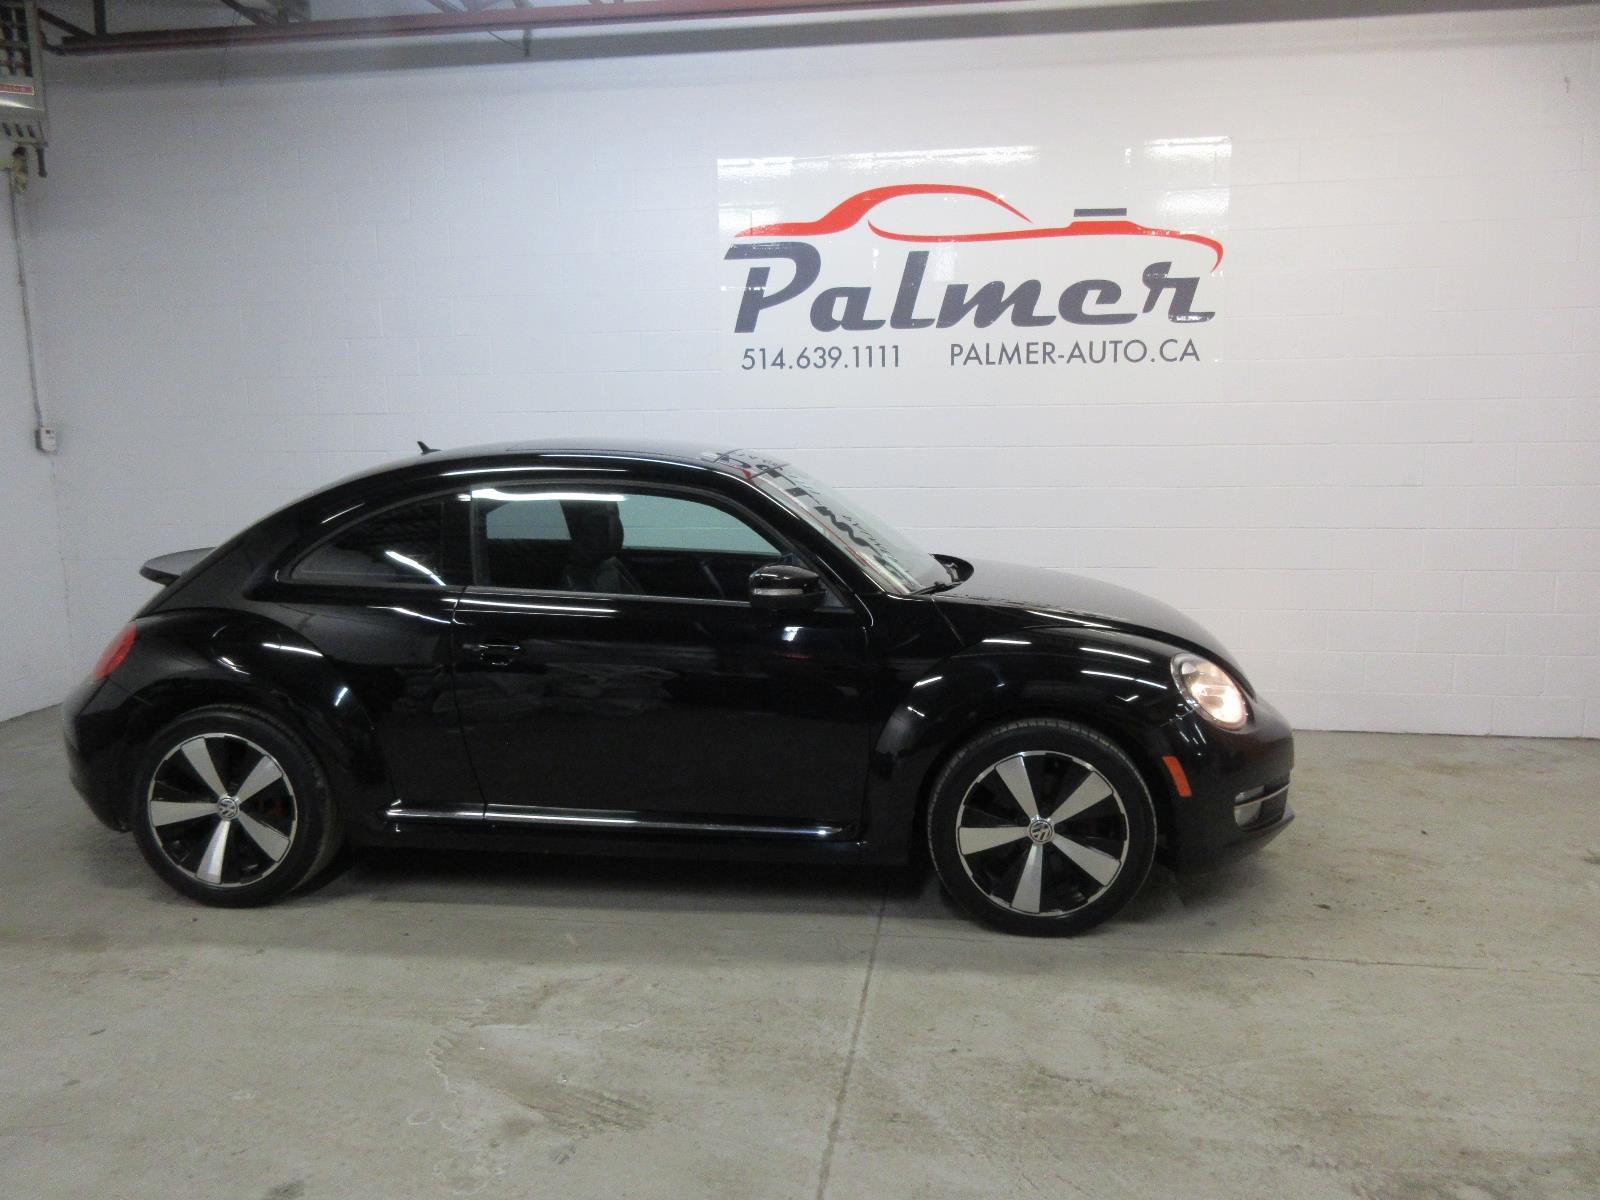 2012 Volkswagen Beetle 2dr Cpe Man 2.0T Turbo/fin48 mois/257.40 par mois #18532